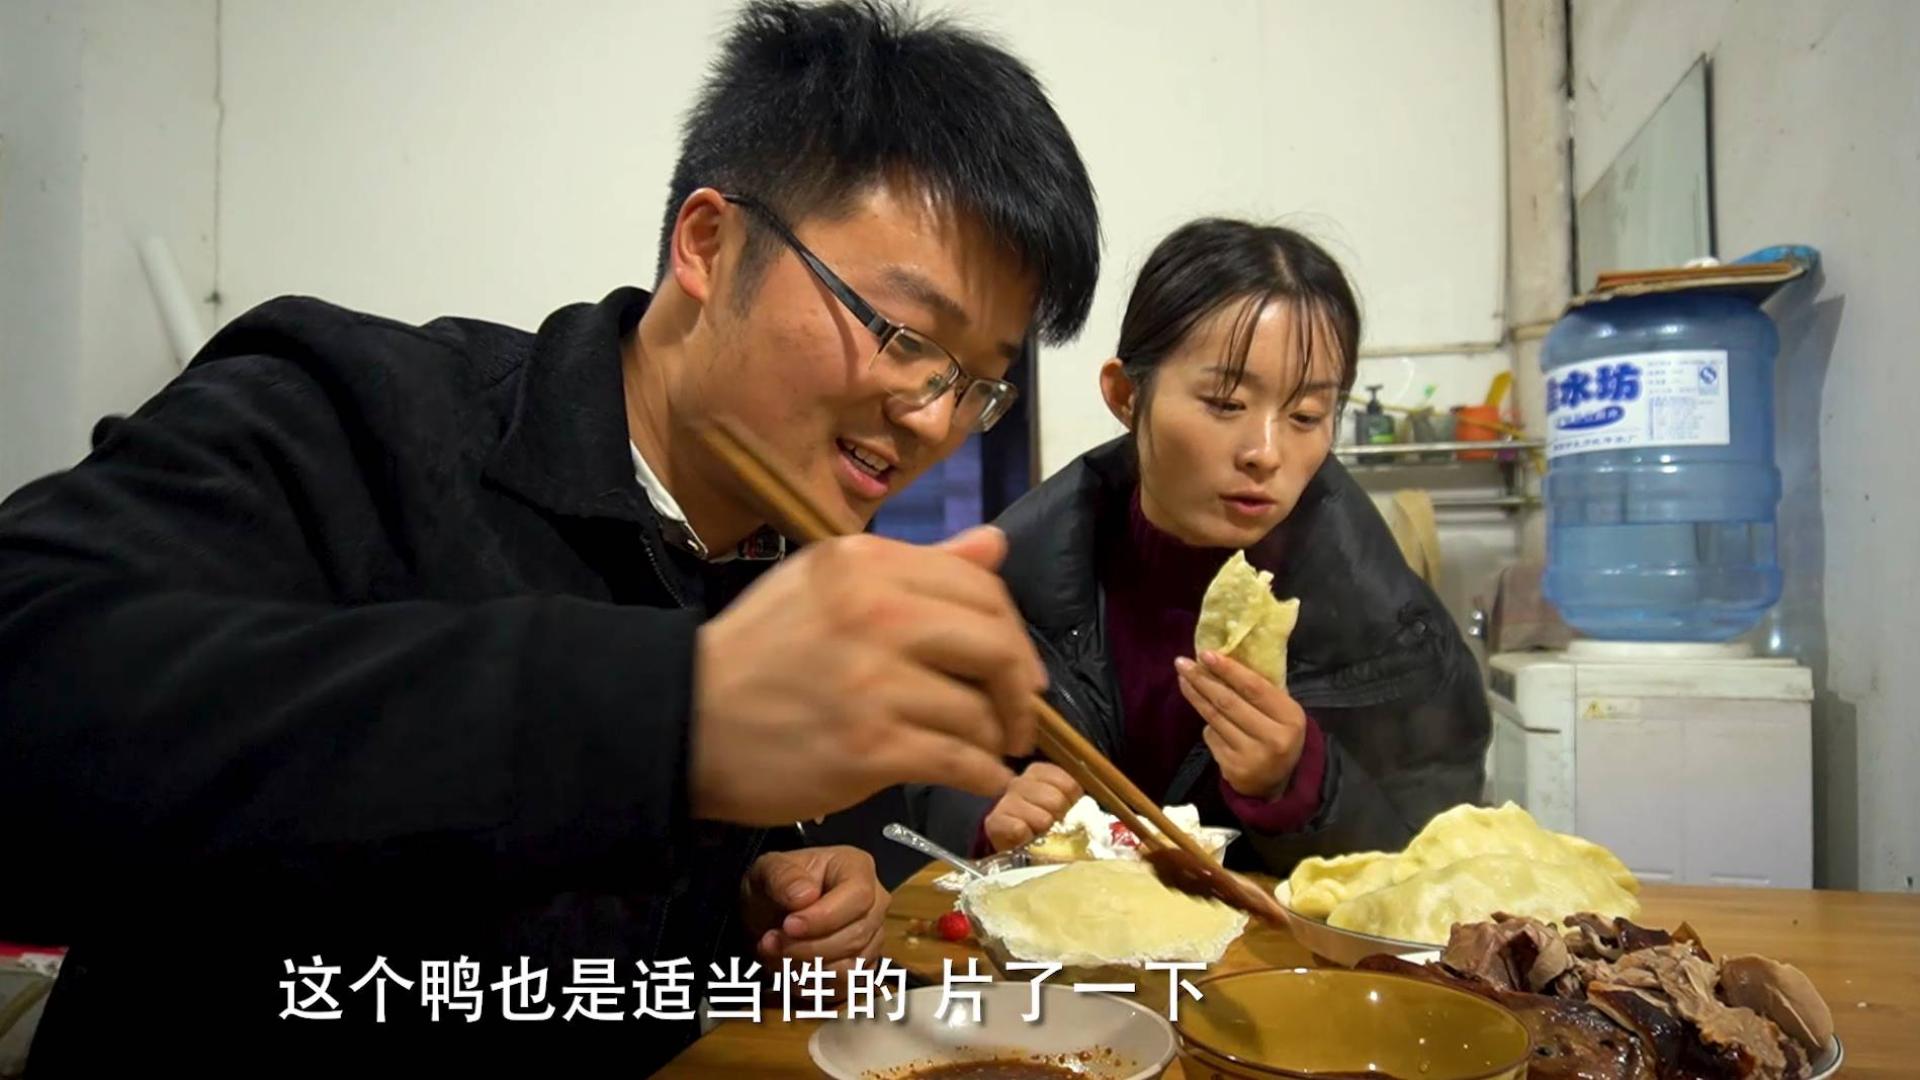 超市十五年店庆,大sao买了一堆东西,吃货逛街,这北京烤鸭真值